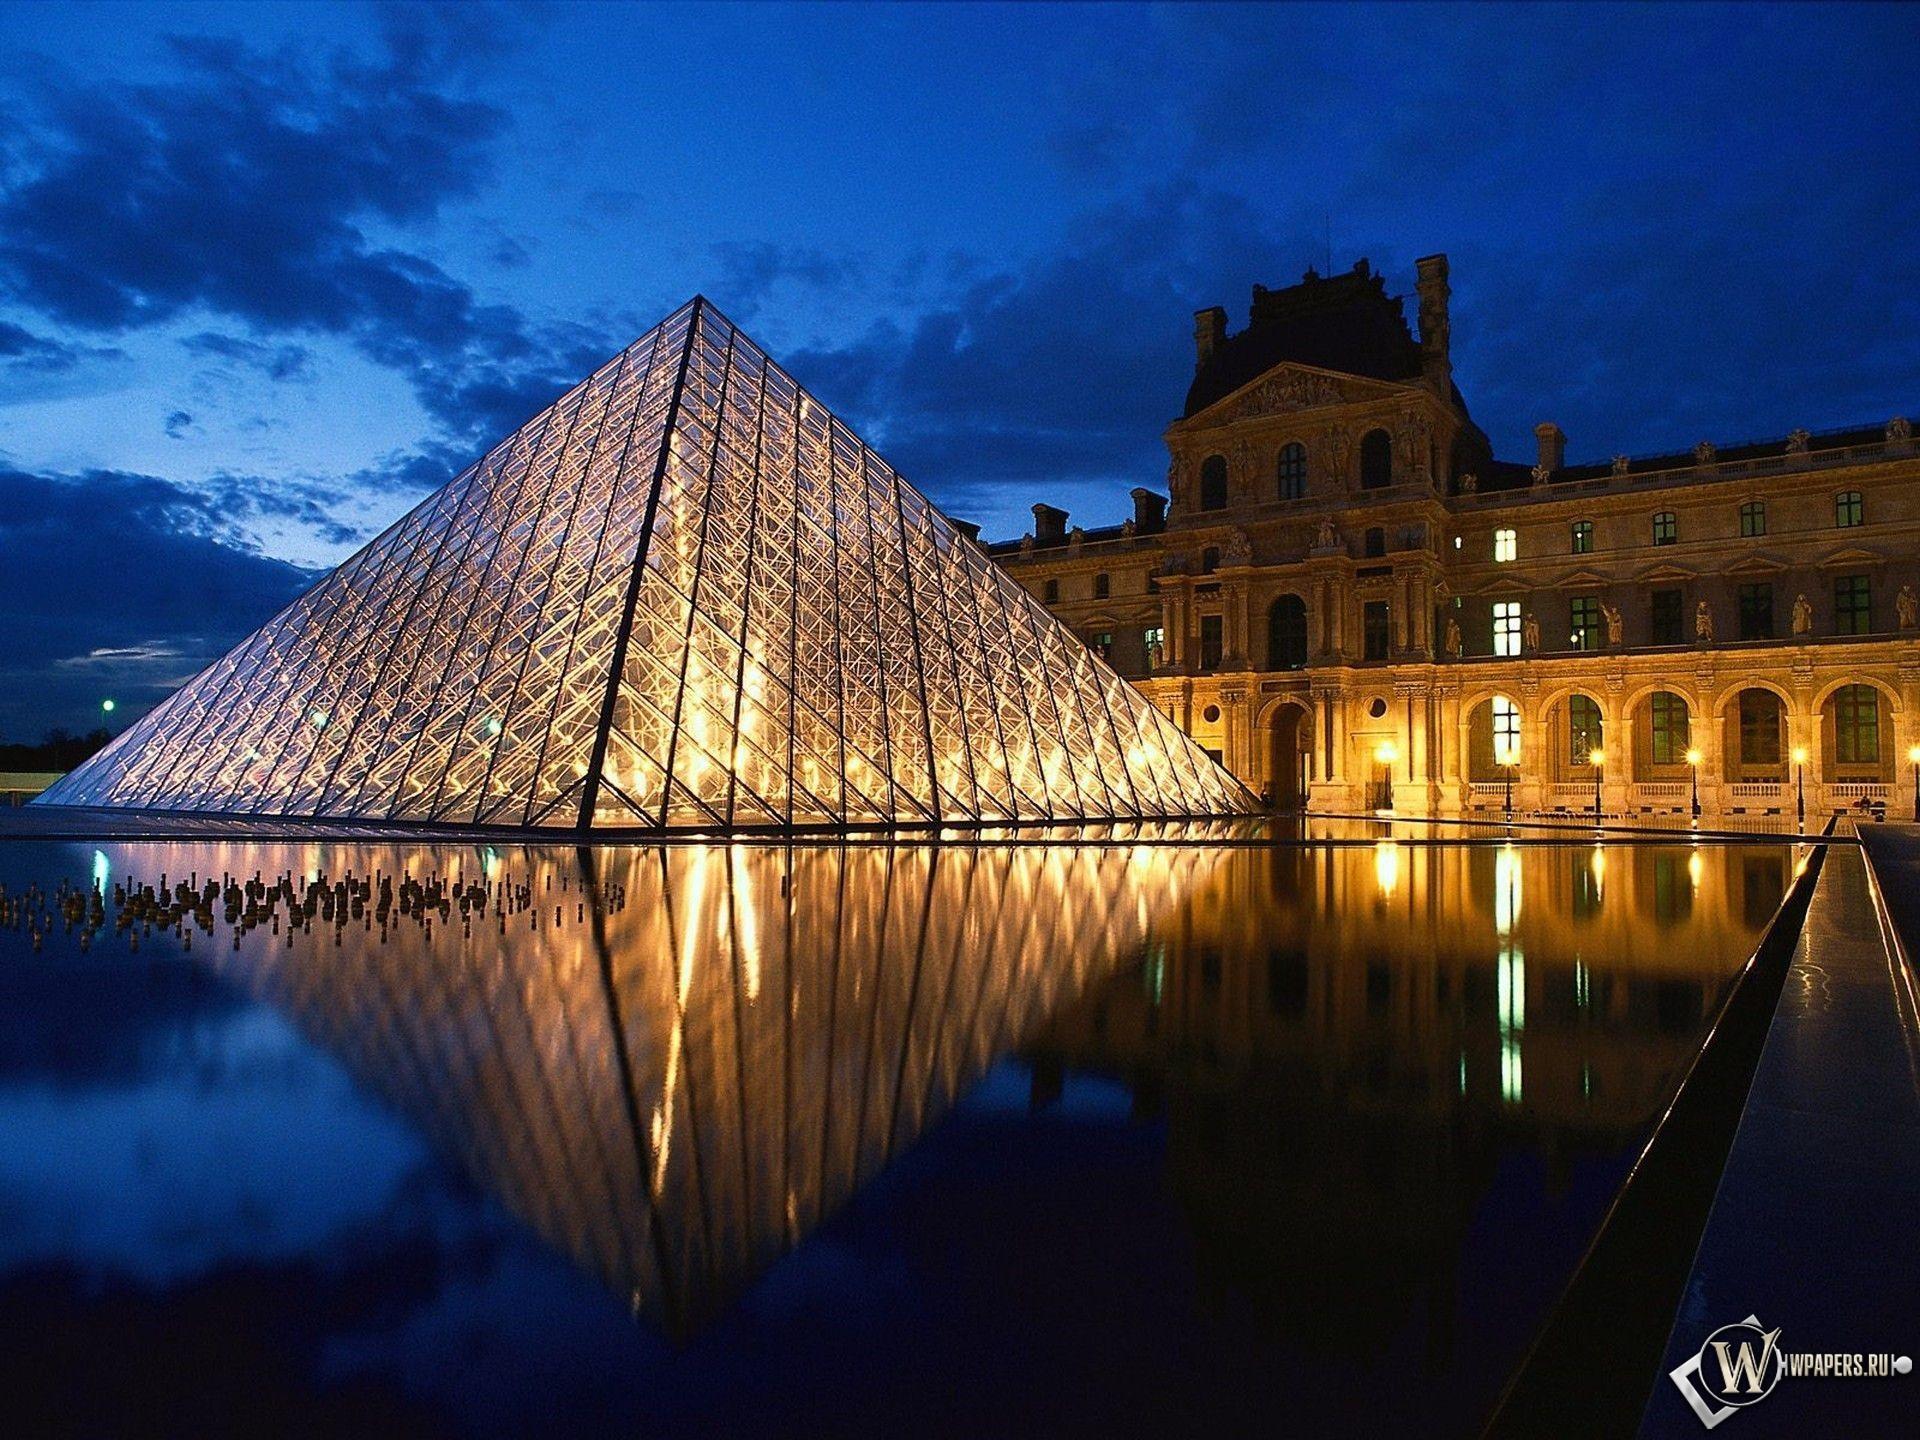 Лувр - Париж - Франция 1920x1440